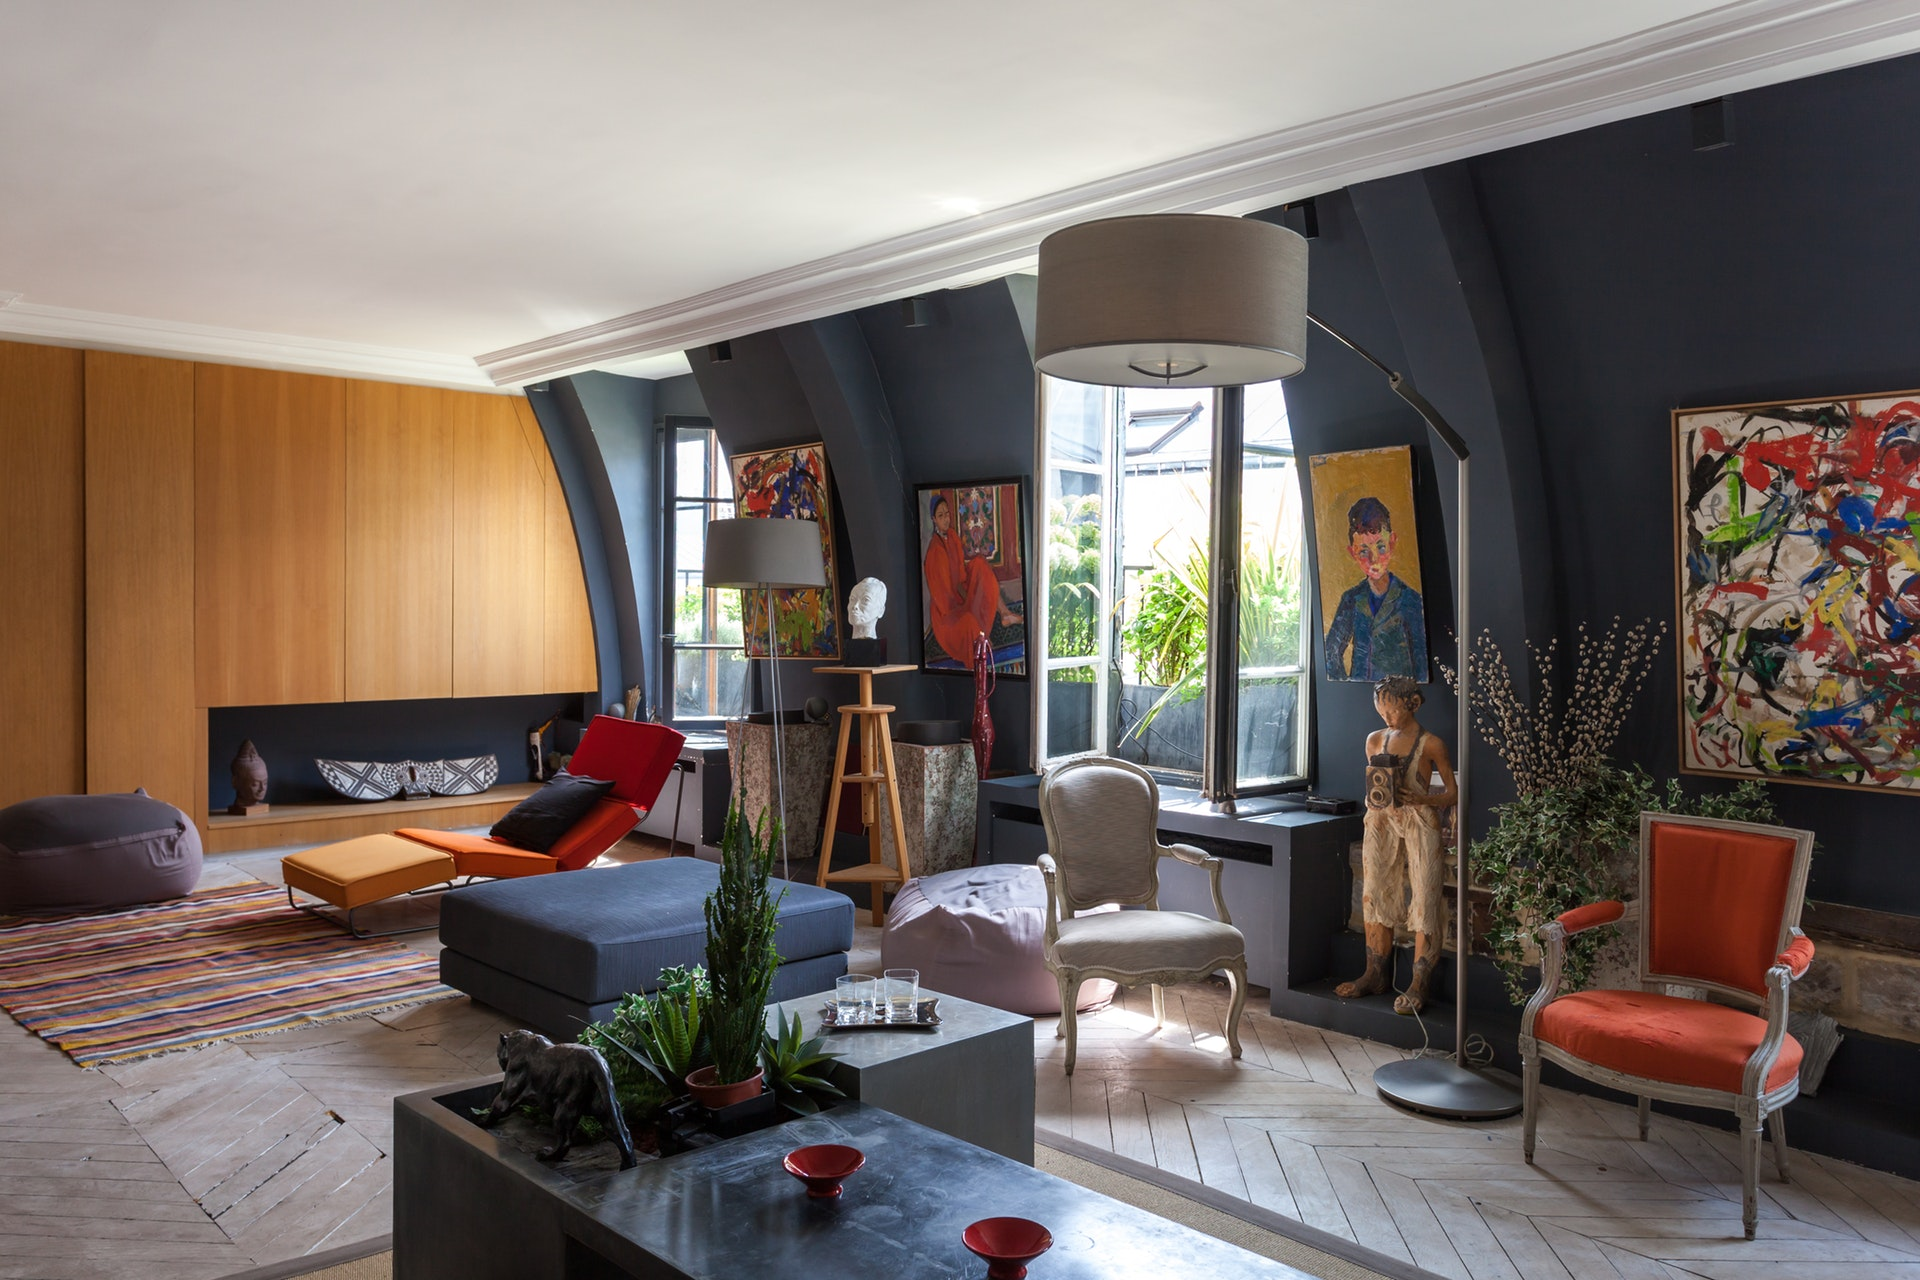 гостиная мансарда серые стены низкий потолокпаркет елочка